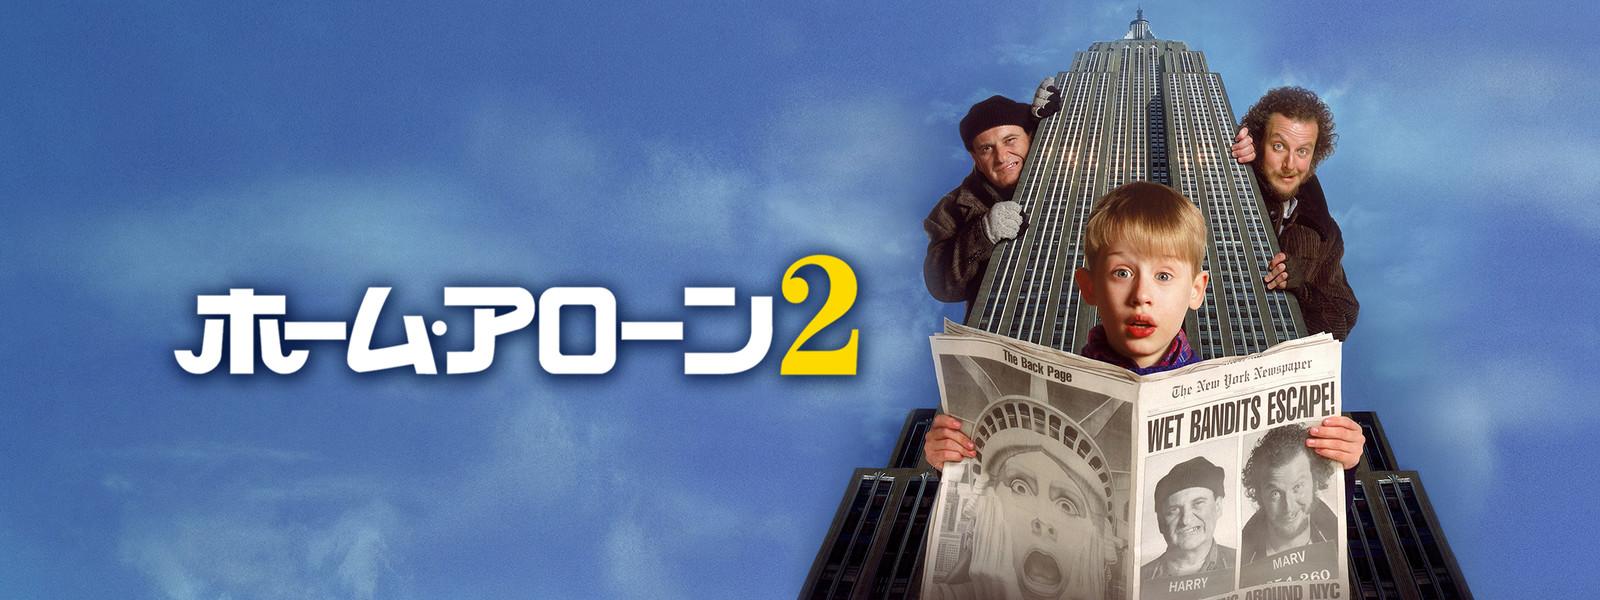 【映画】ホーム・アローン2(吹替)のフル動画って無料で見れる方法はある?9tsuやMioMioではみれない?スマホや大画面テレビで見る方法も!